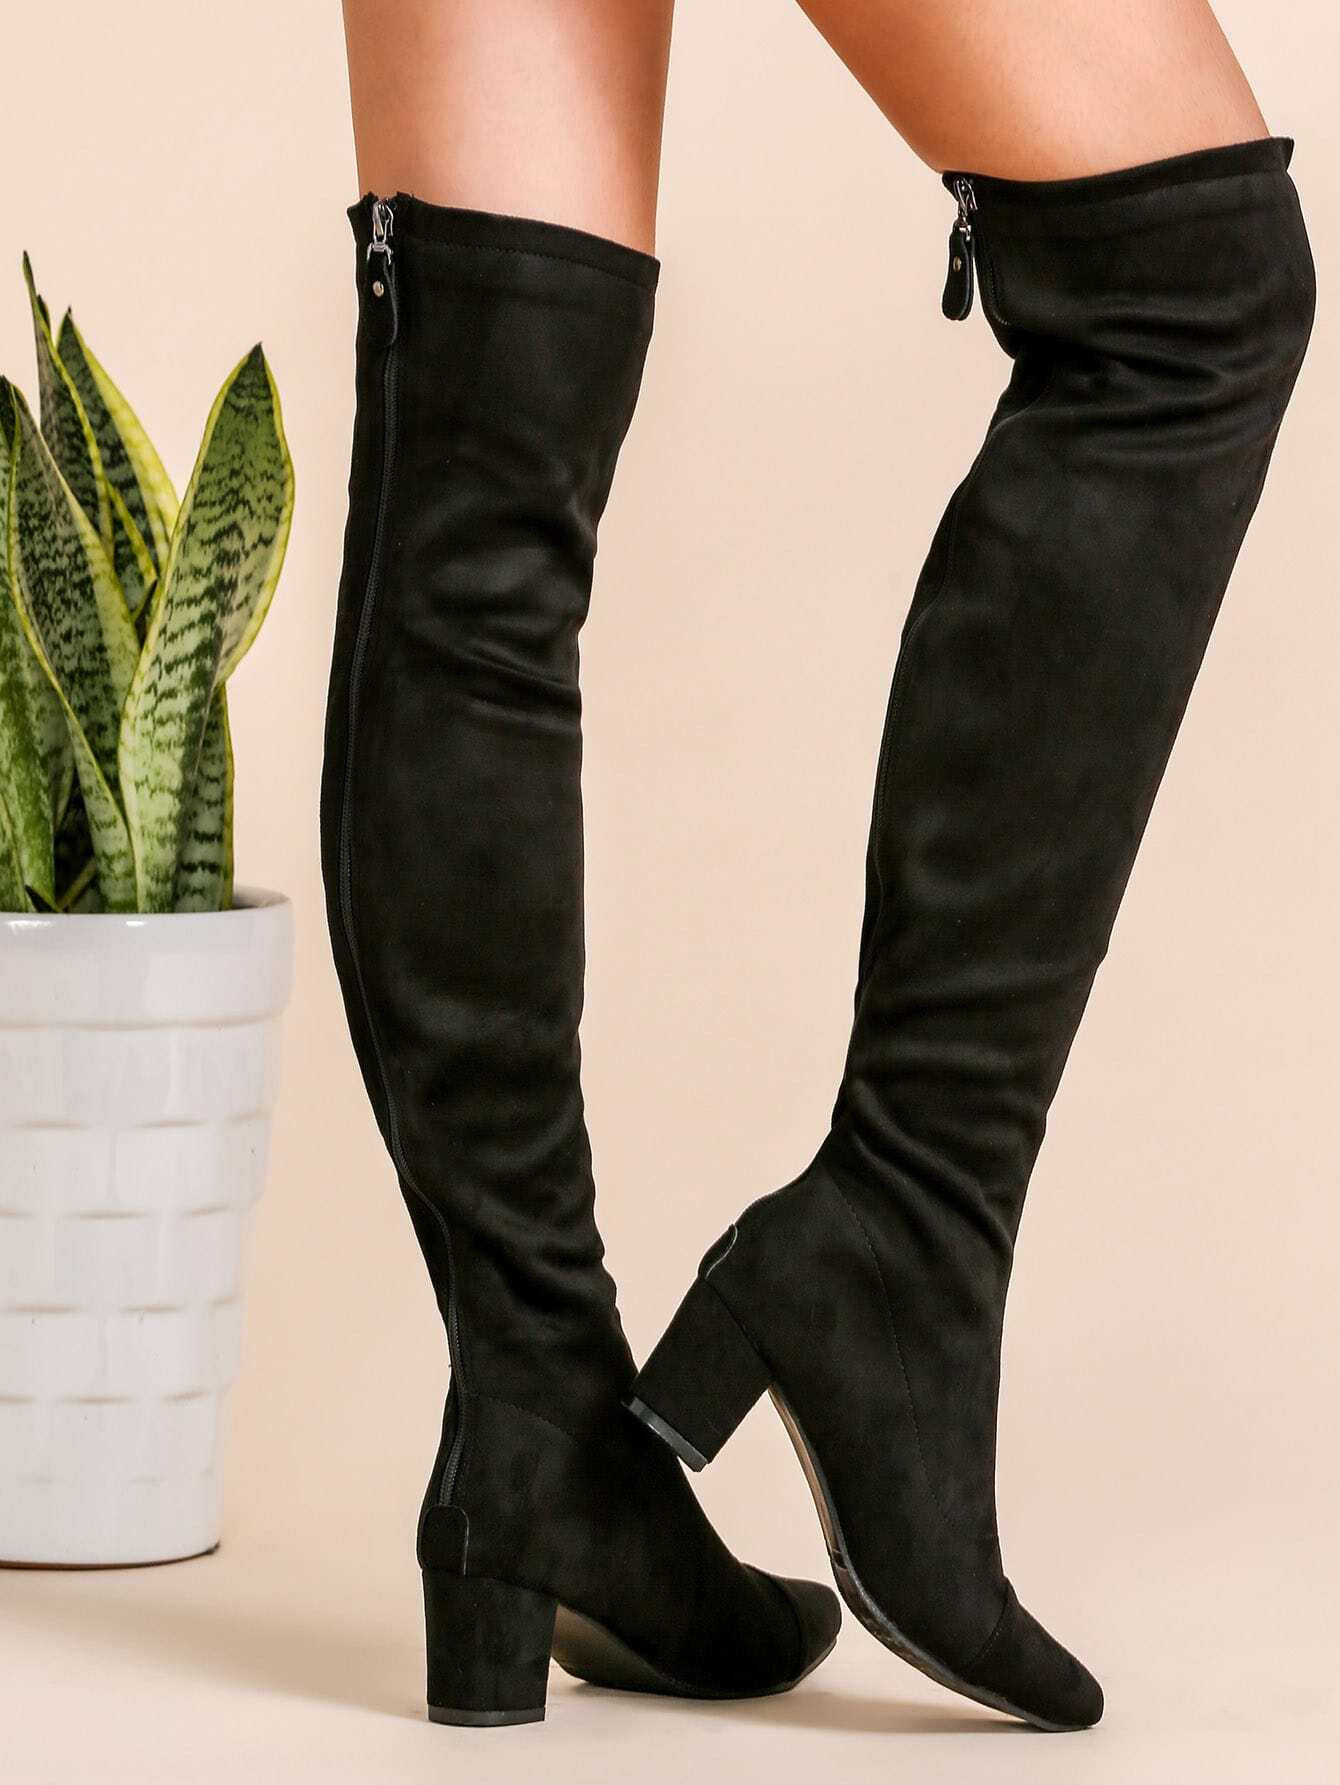 shoes161007807_2